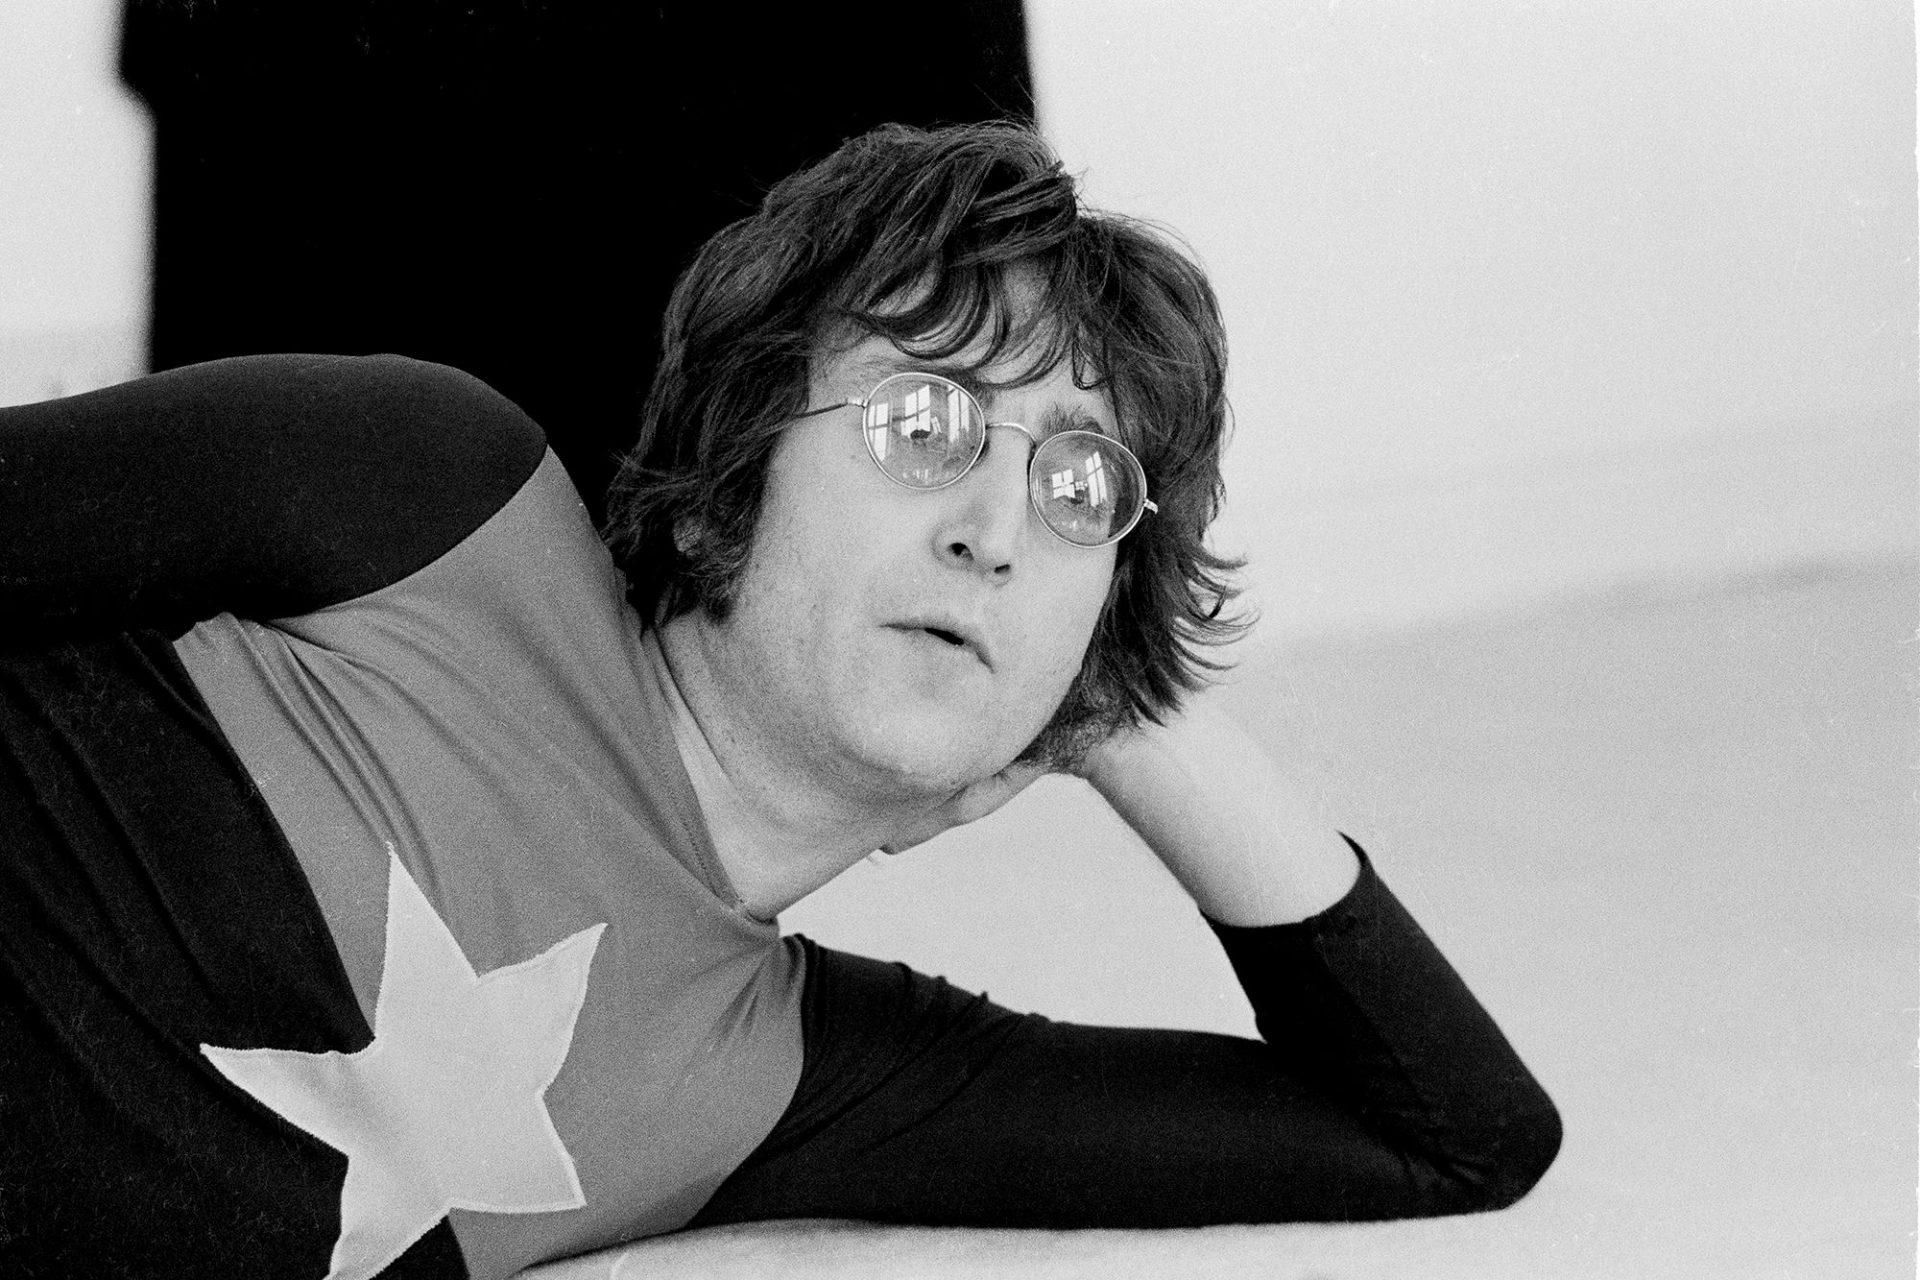 Editiadedimineata: Ce spune acum primul jurnalist britanic care a relatat de la locul crimei lui John Lennon